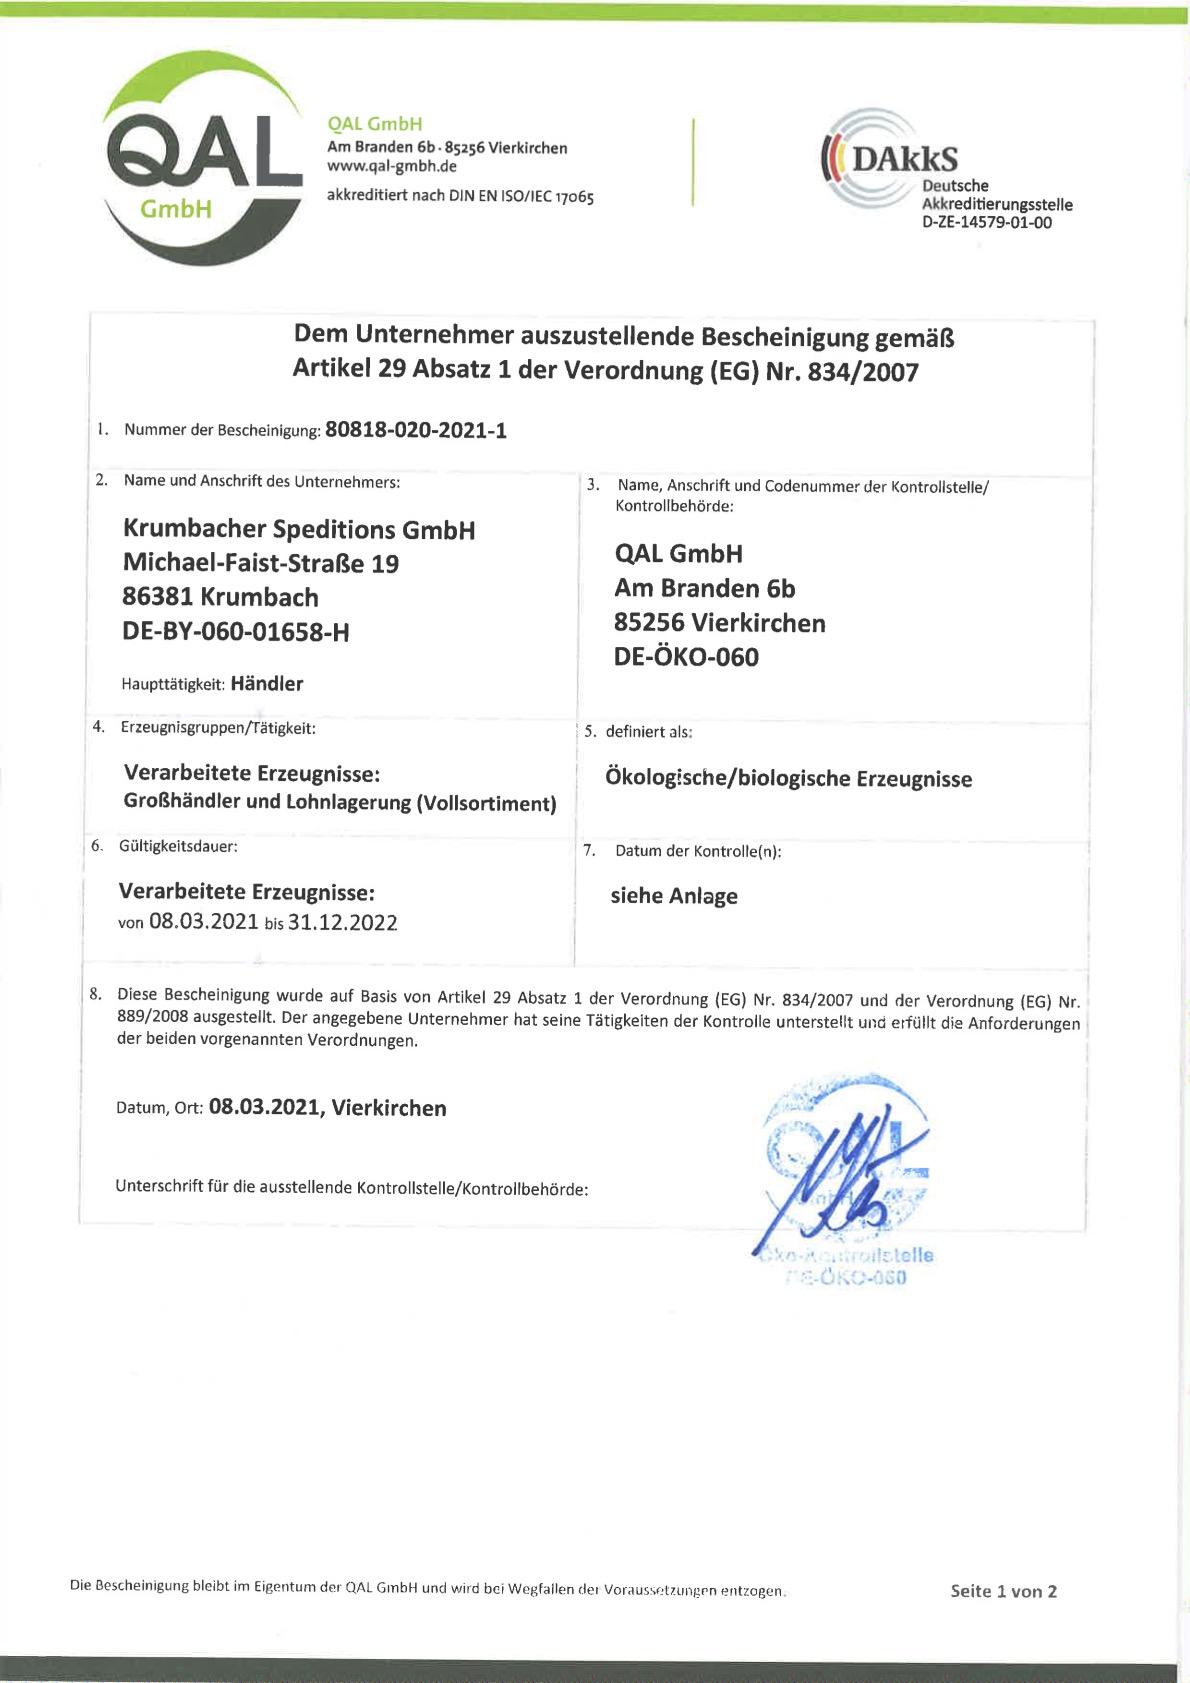 bescheinigung-vo-eg-nr.-834_2007-2021-neuburg